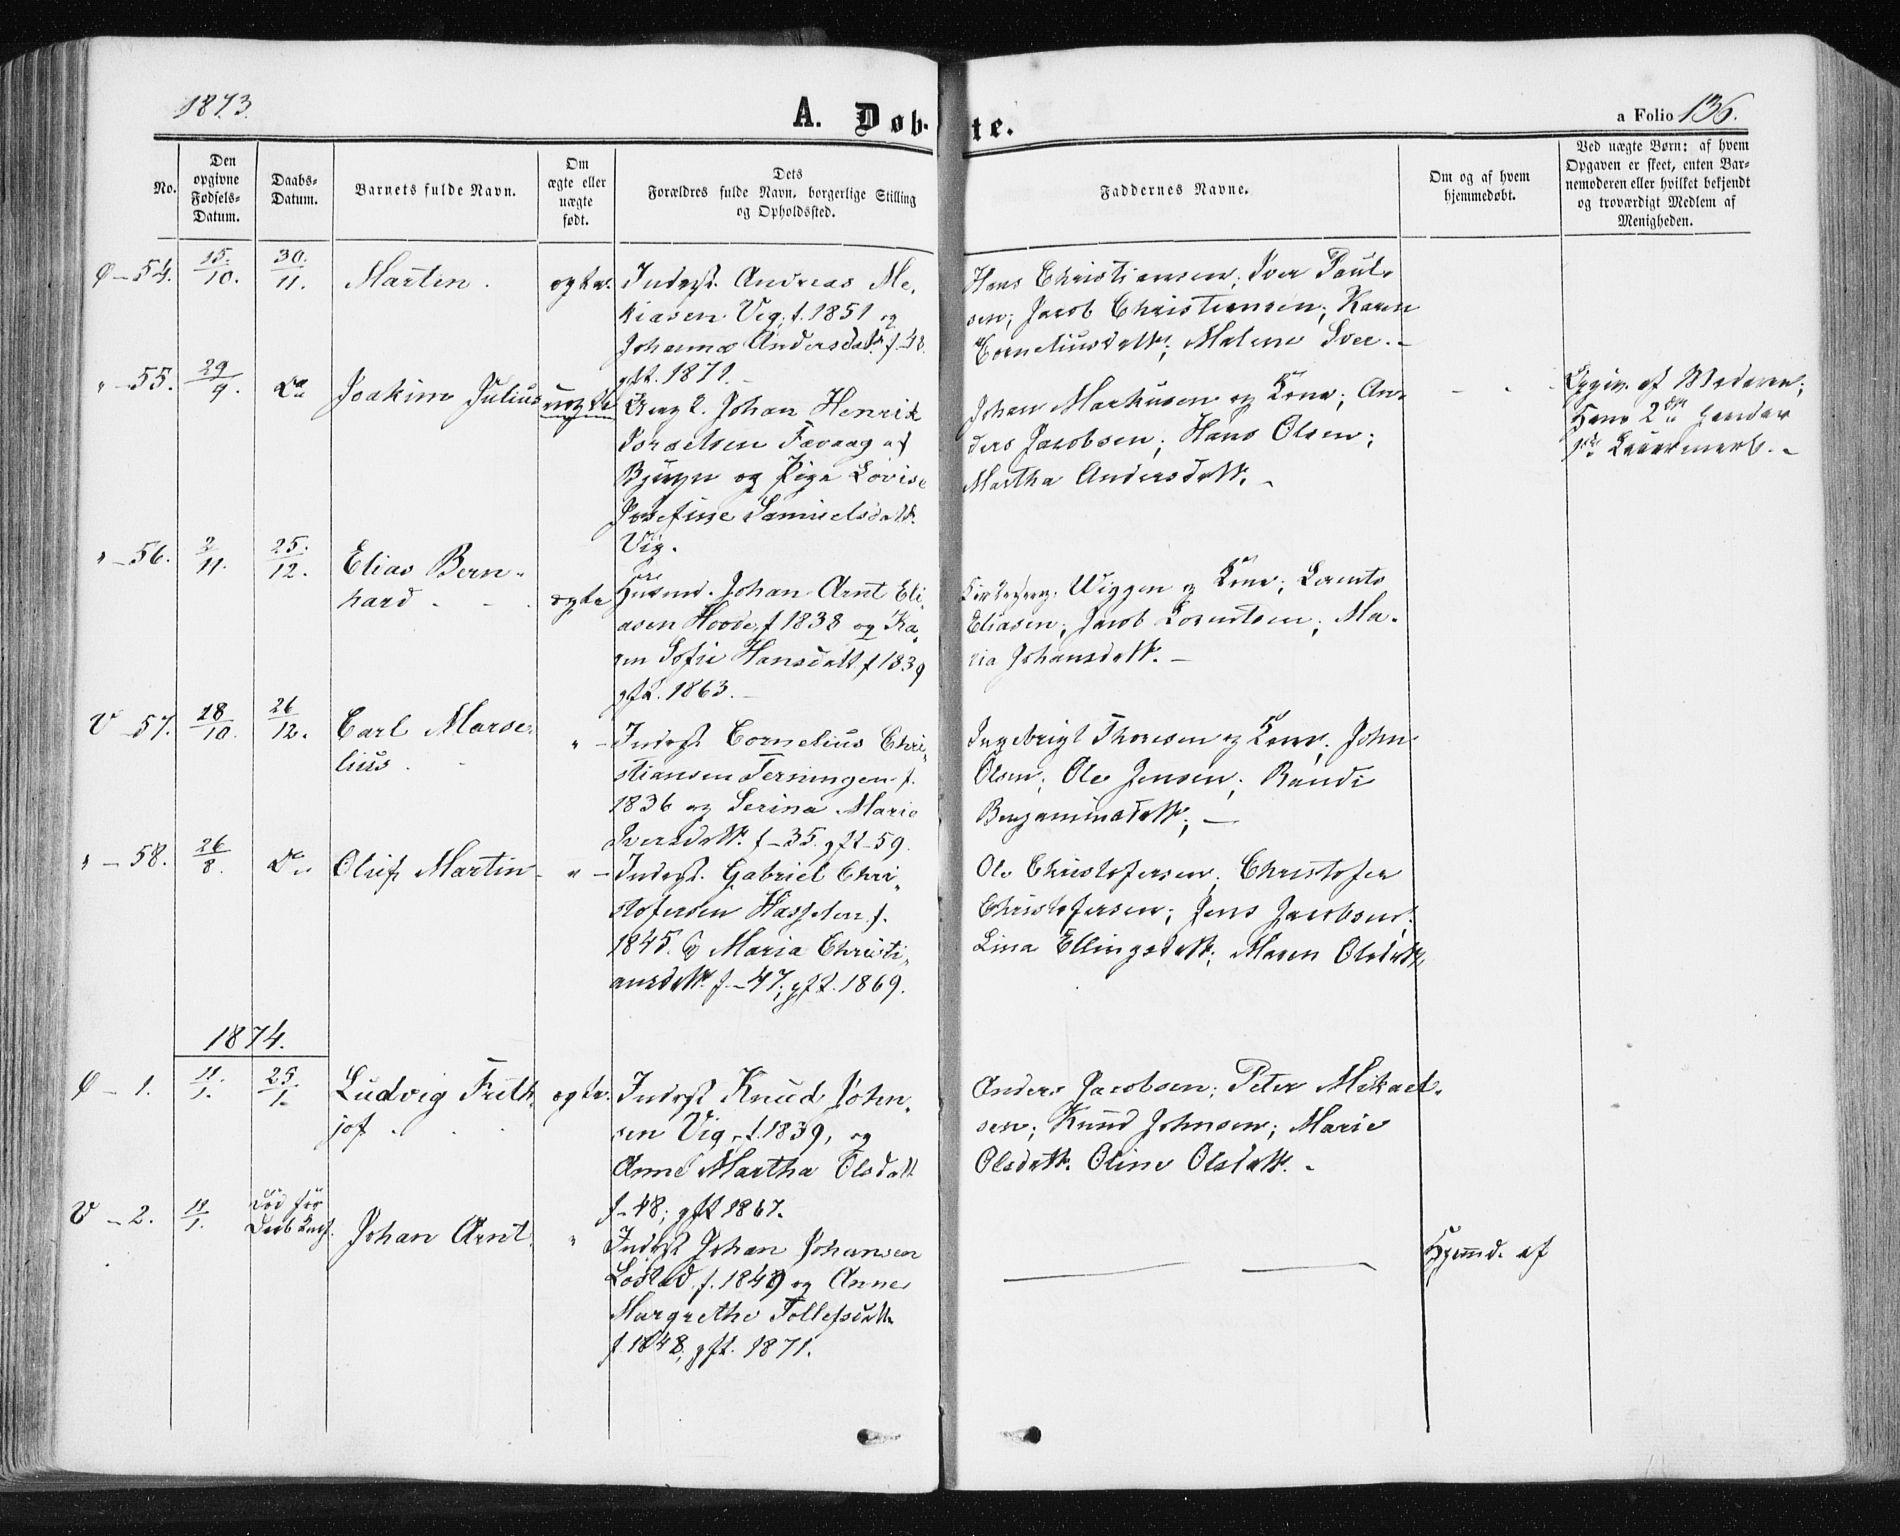 SAT, Ministerialprotokoller, klokkerbøker og fødselsregistre - Sør-Trøndelag, 659/L0737: Ministerialbok nr. 659A07, 1857-1875, s. 136